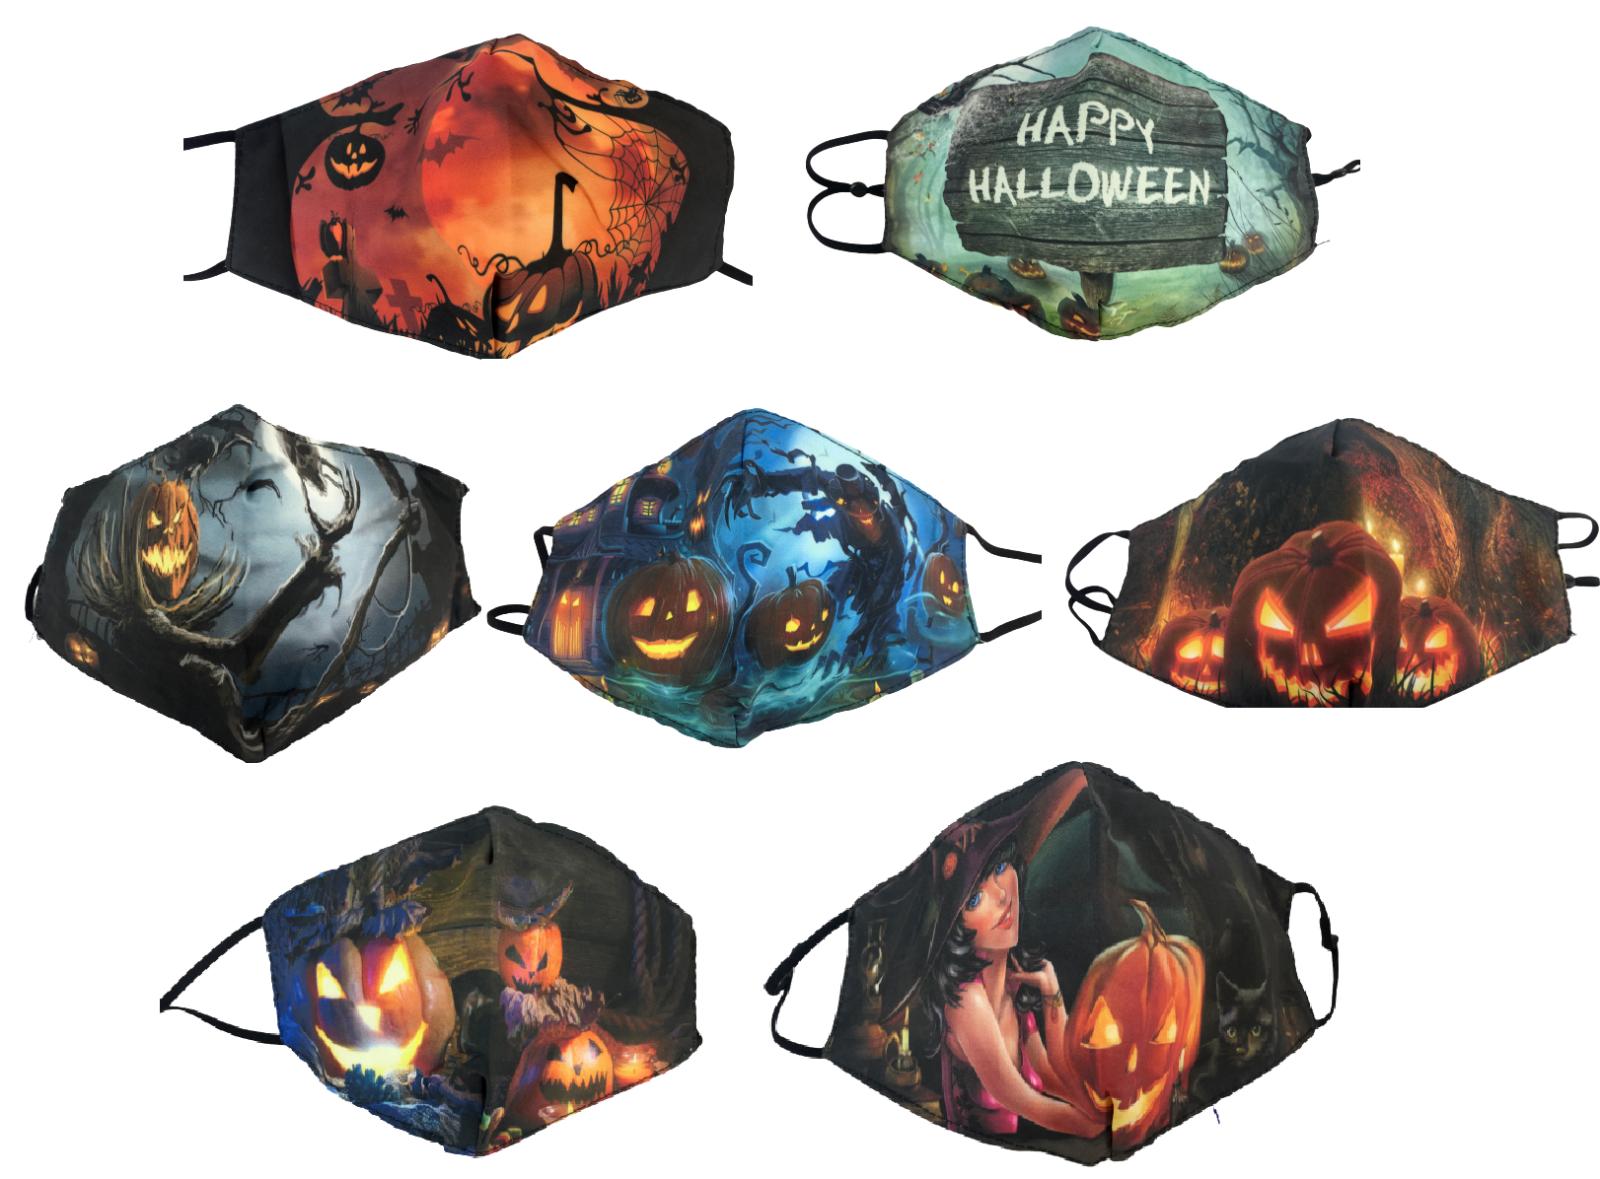 Maske Halloween Mund Nase Gesicht Baumwolle Behelfsmasken Geschenk Schutz Nase